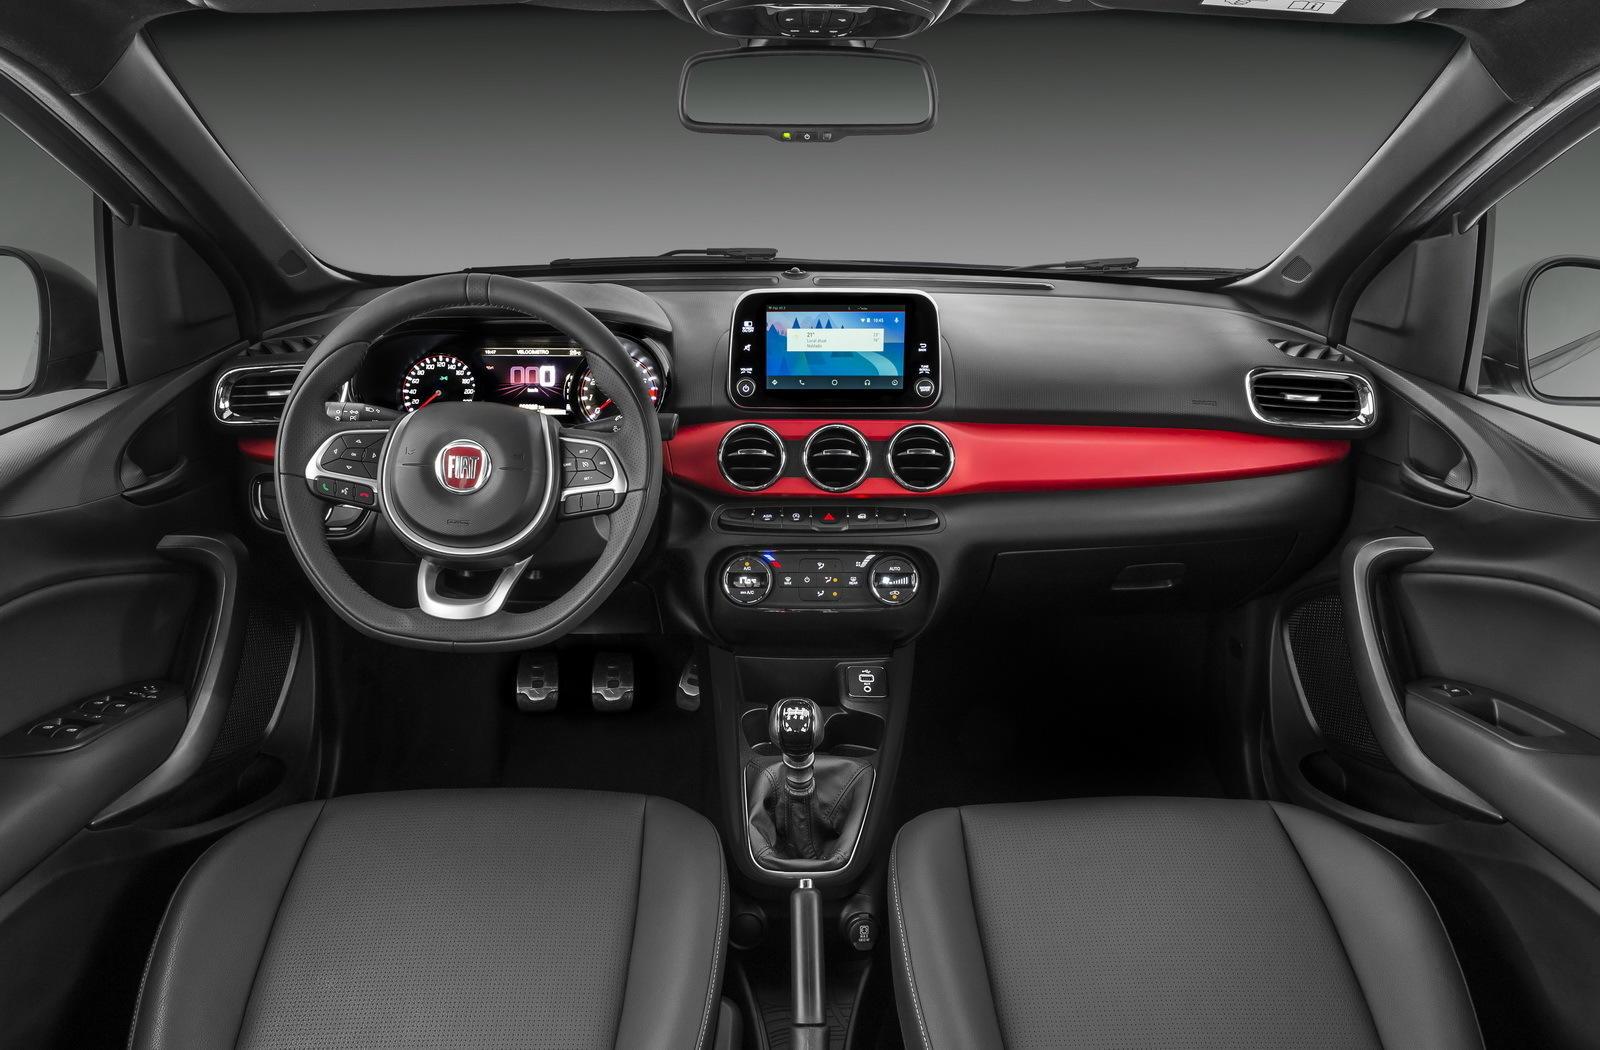 Fiat Argo: todo lo que debes saber sobre el sucesor del Fiat Punto en Sudamérica - Diariomotor